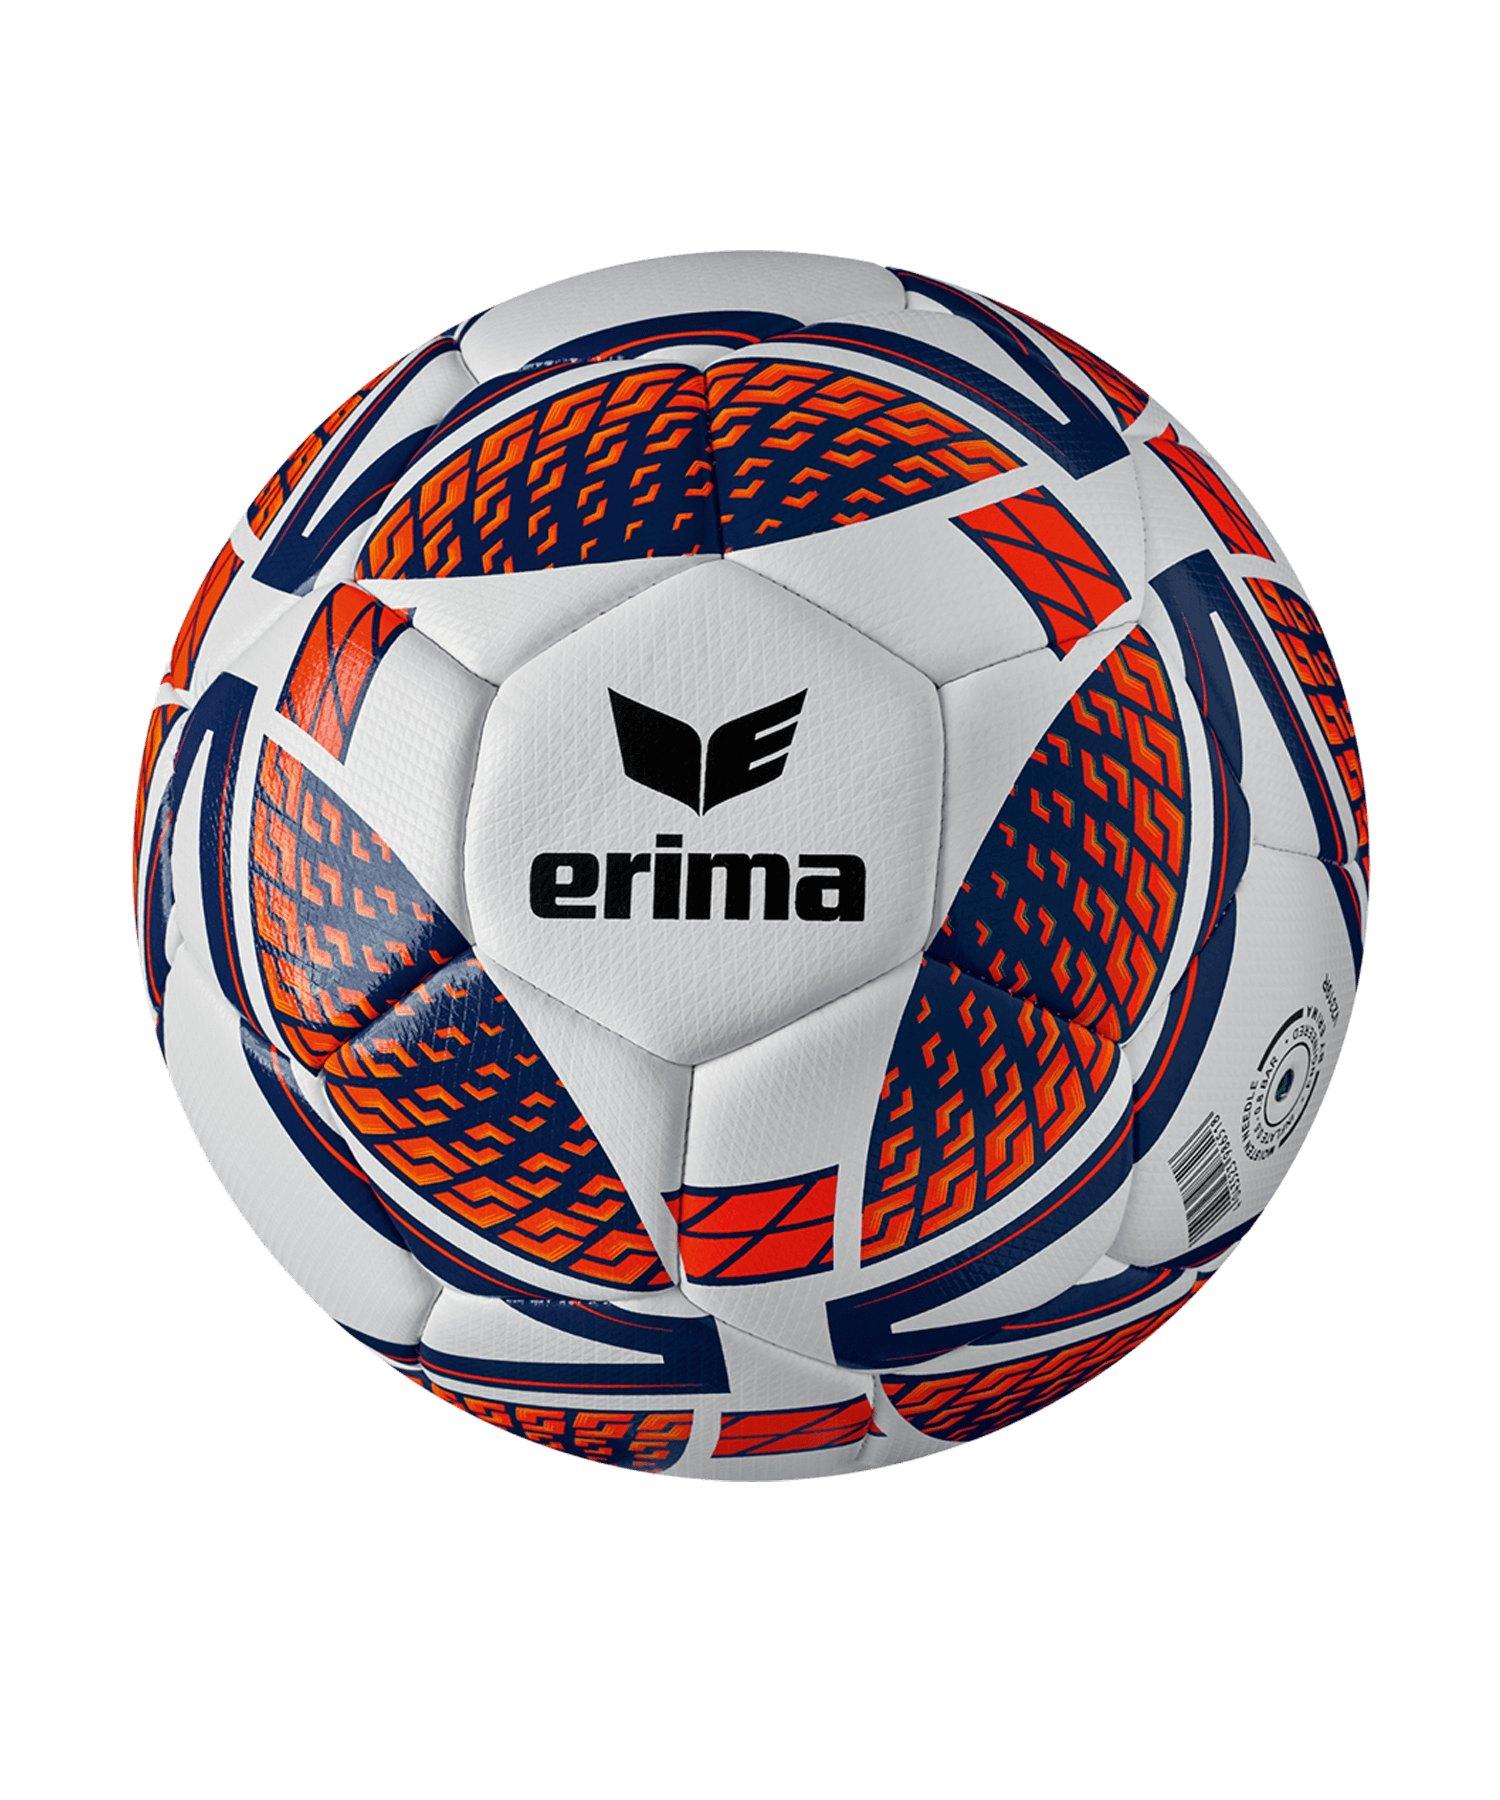 Erima Senzor Lightball 350 Gramm Gr. 4 Blau - blau